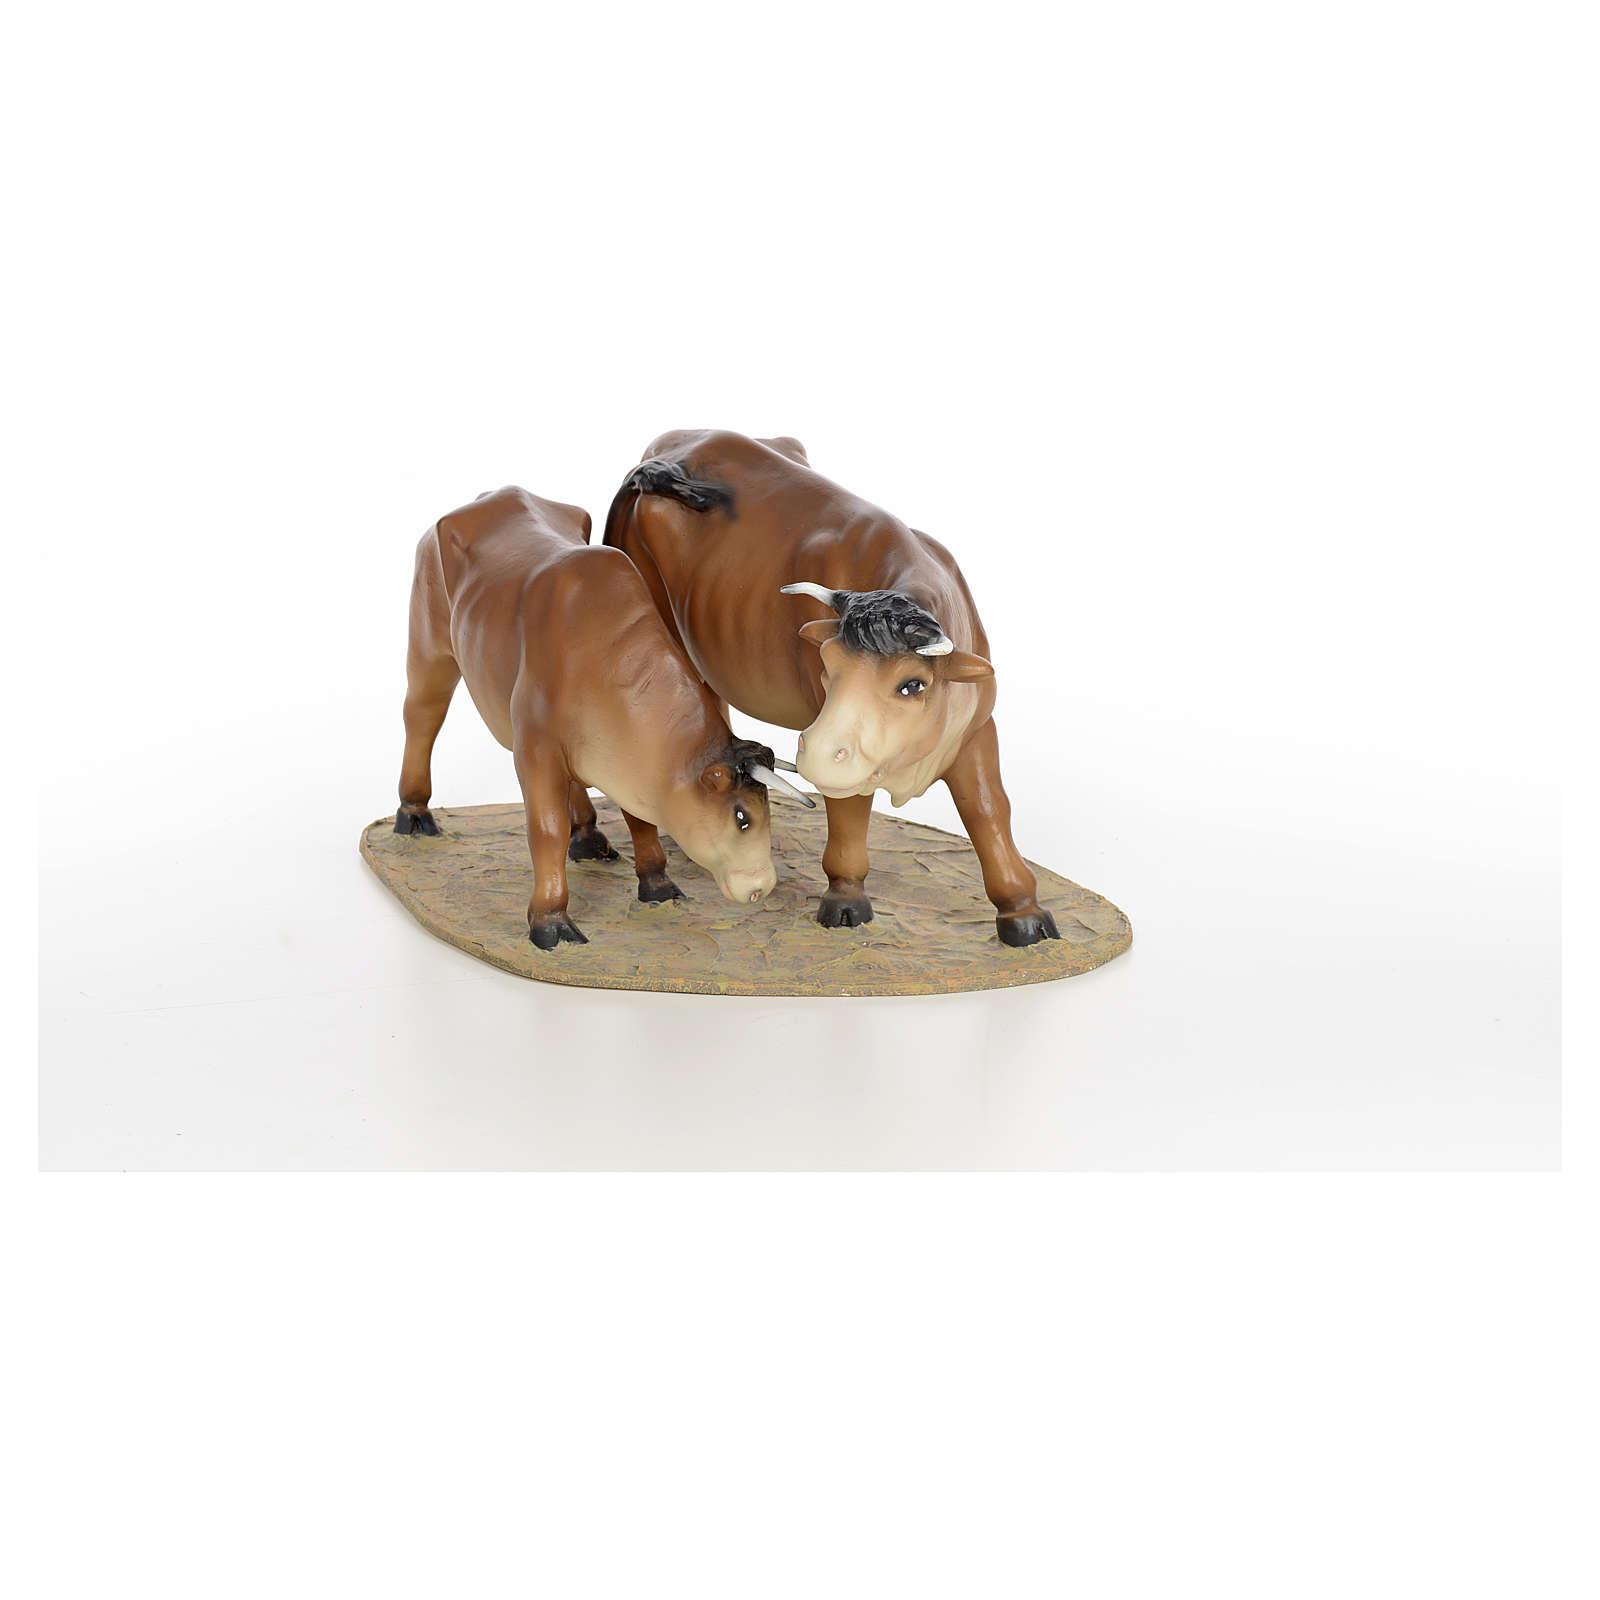 Vaca yu ternera 20cm pasta de madera dec. fina 3